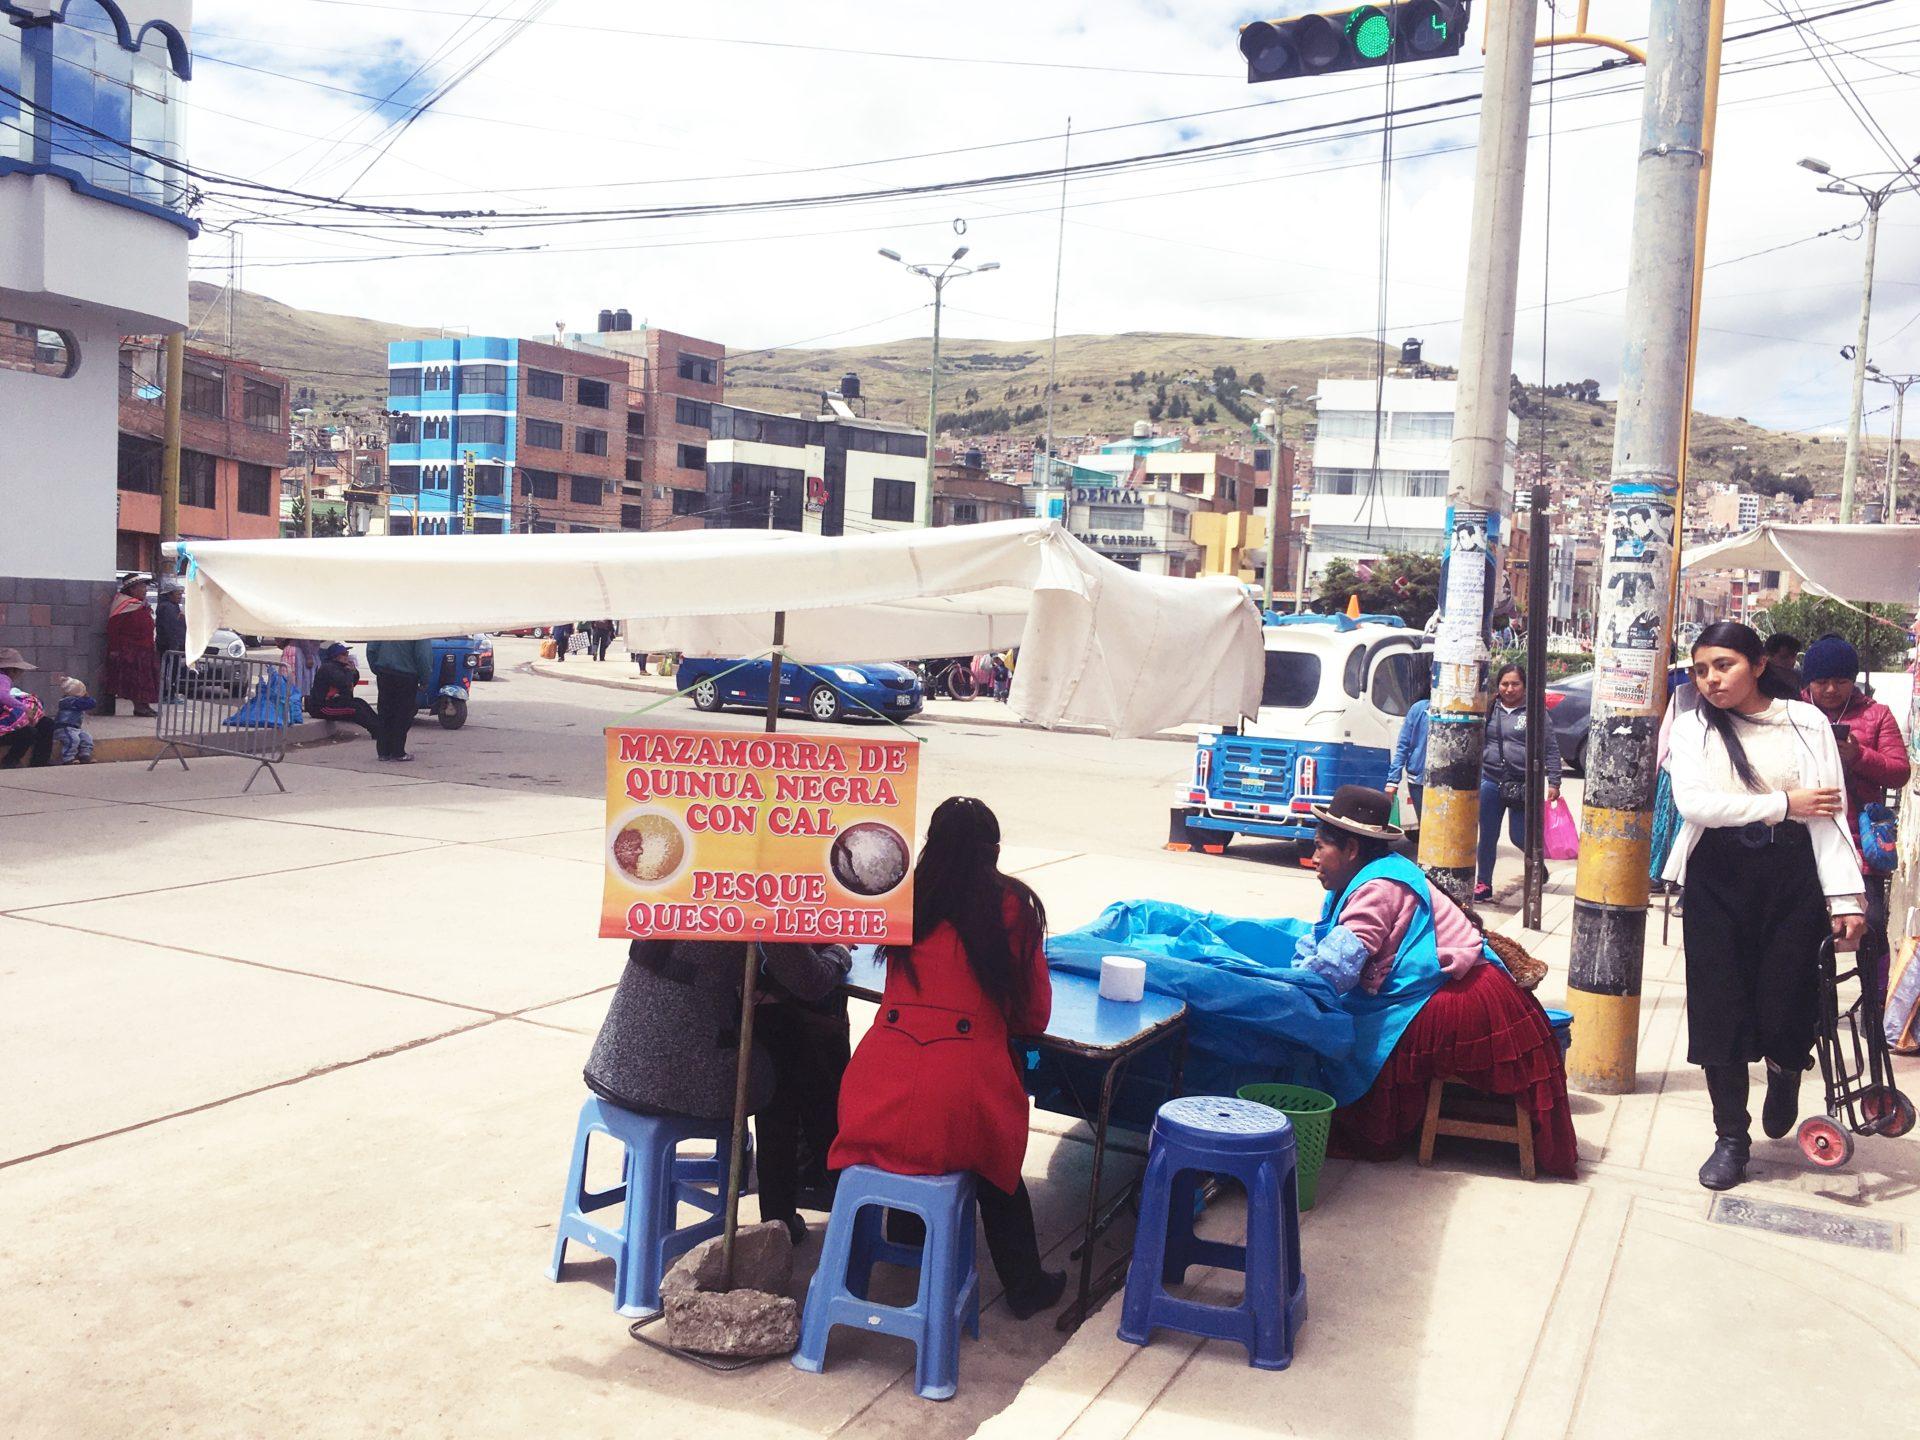 プーノ, チチカカ, 観光, Titicaca, Puno, 食べ物